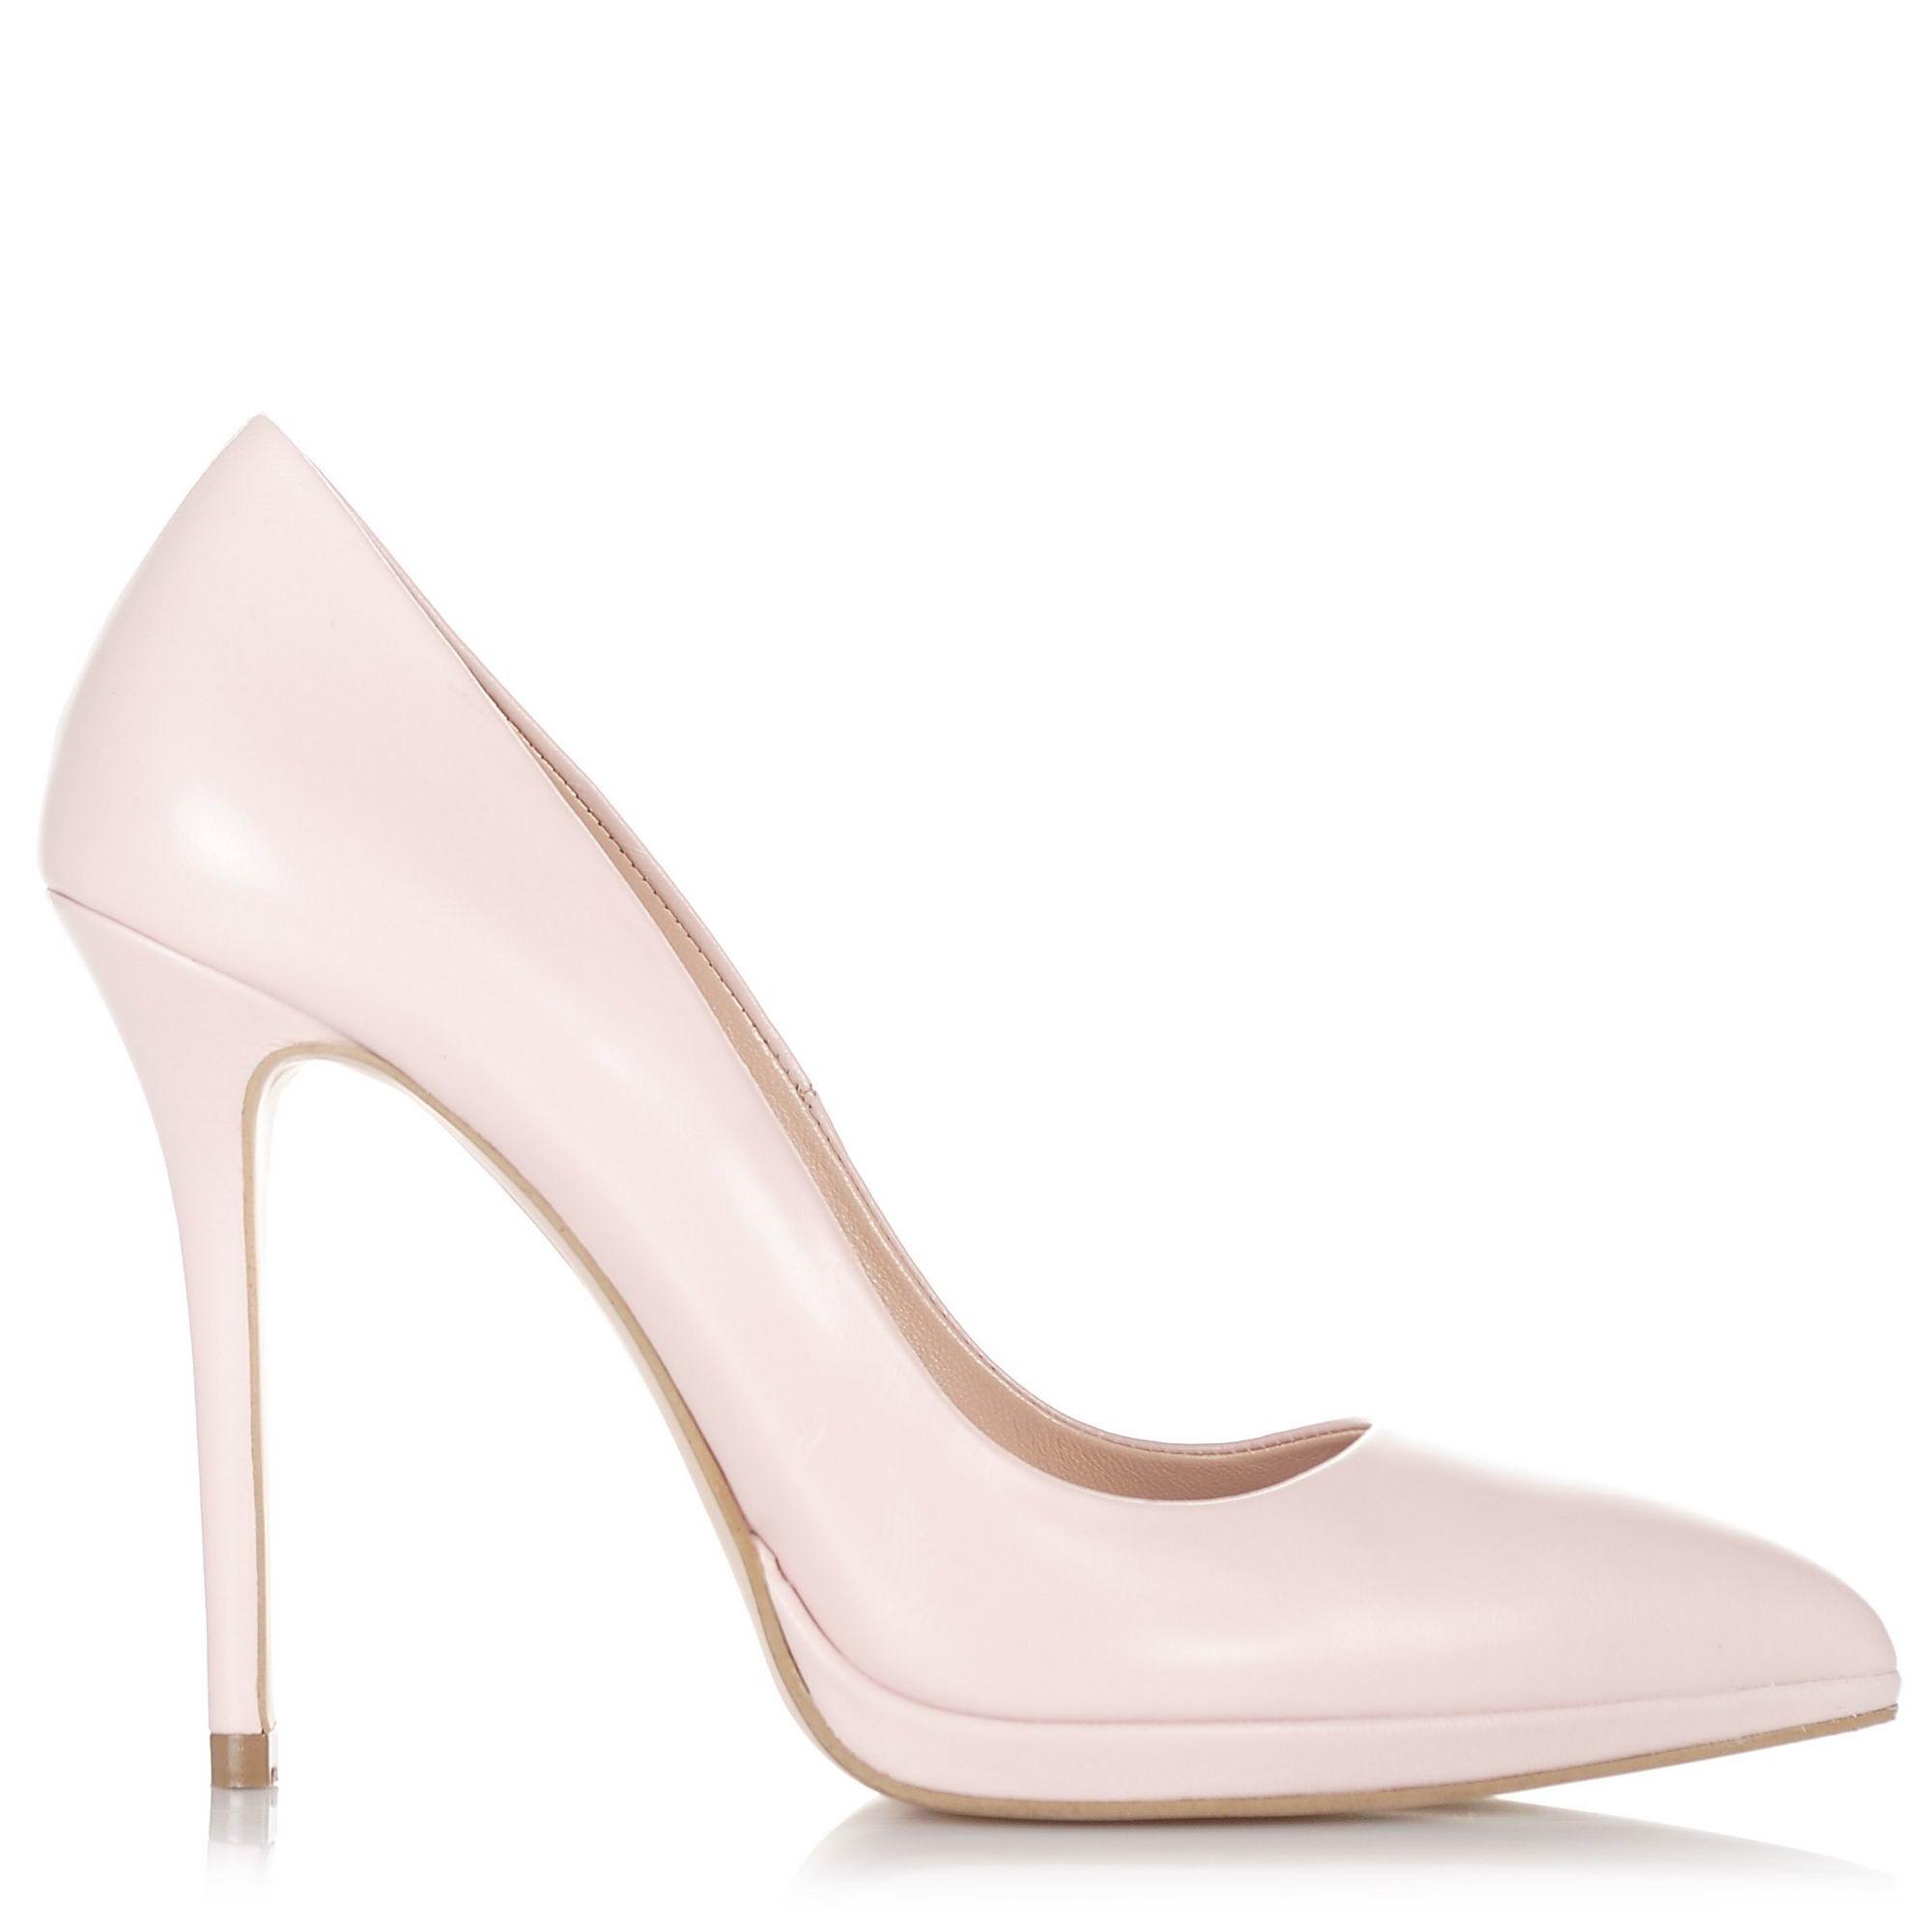 Δερμάτινες Γόβες Mourtzi 10/100F4F00 γυναικα   γυναικείο παπούτσι